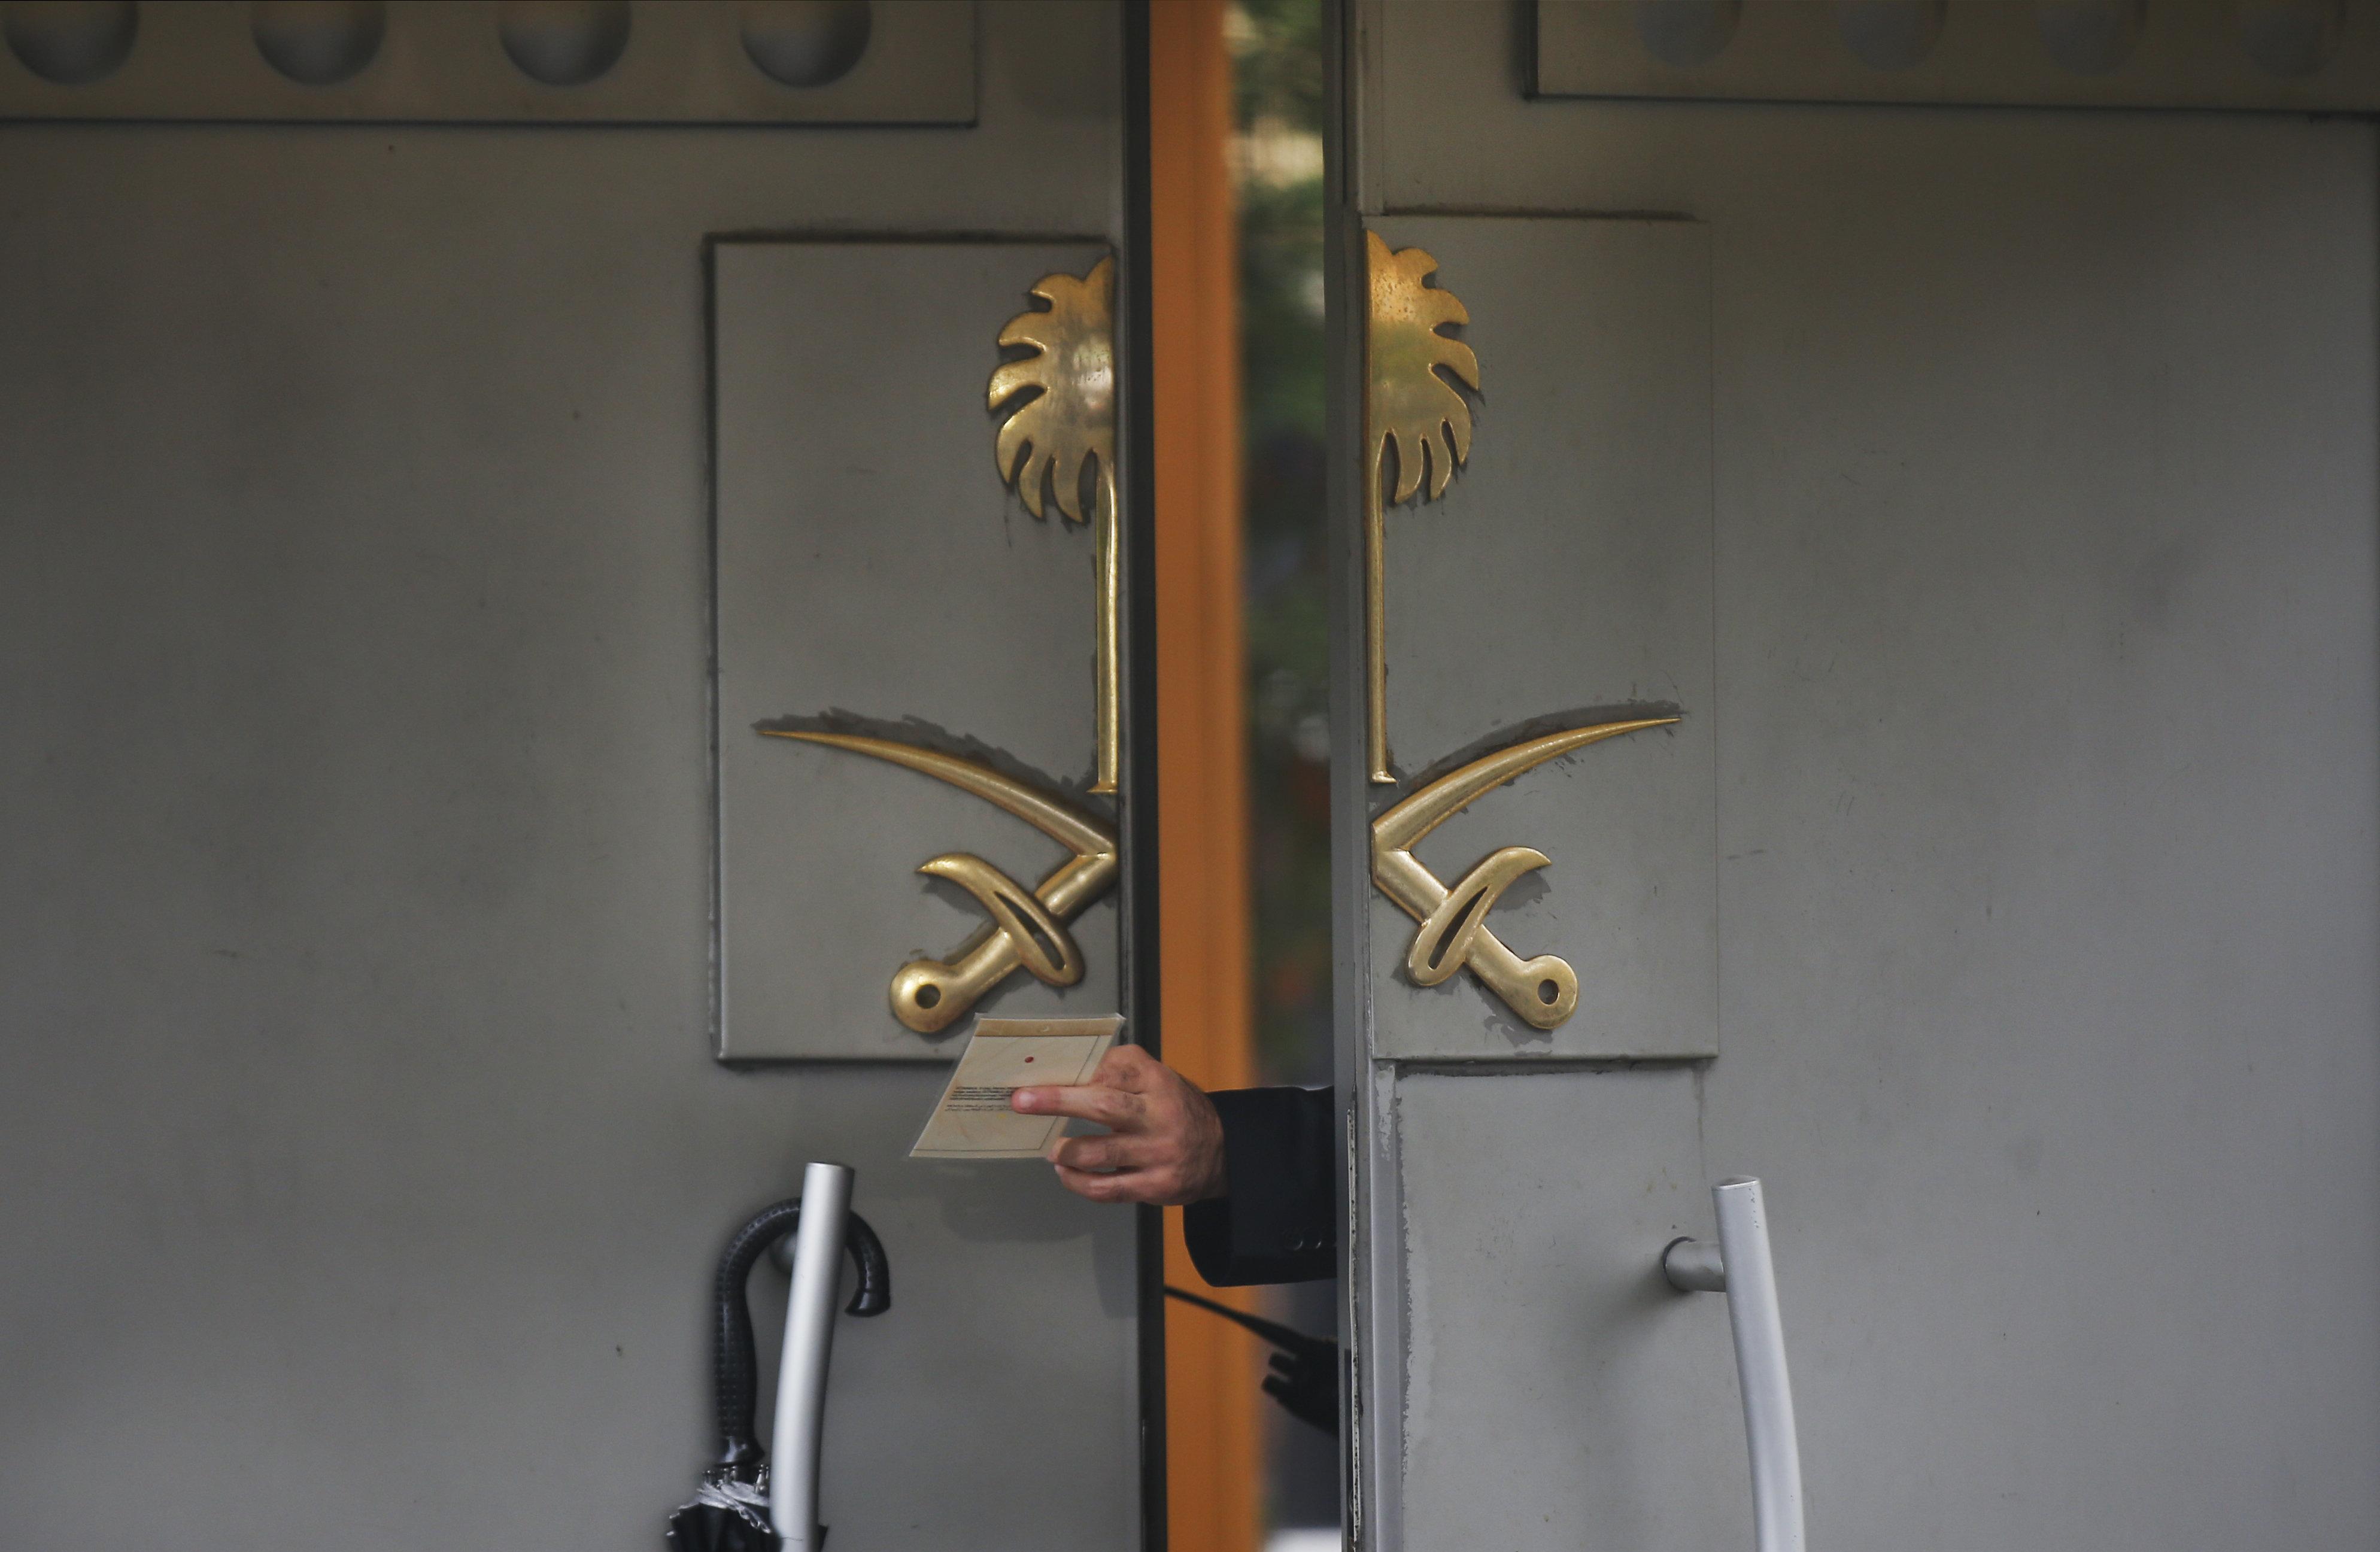 Υπόθεση Κασόγκι: Τι βρήκαν οι Τούρκοι στο προξενείο της Σ.Αραβίας και οι υποψίες για τον τρόπο εξαφάνισης της σορού